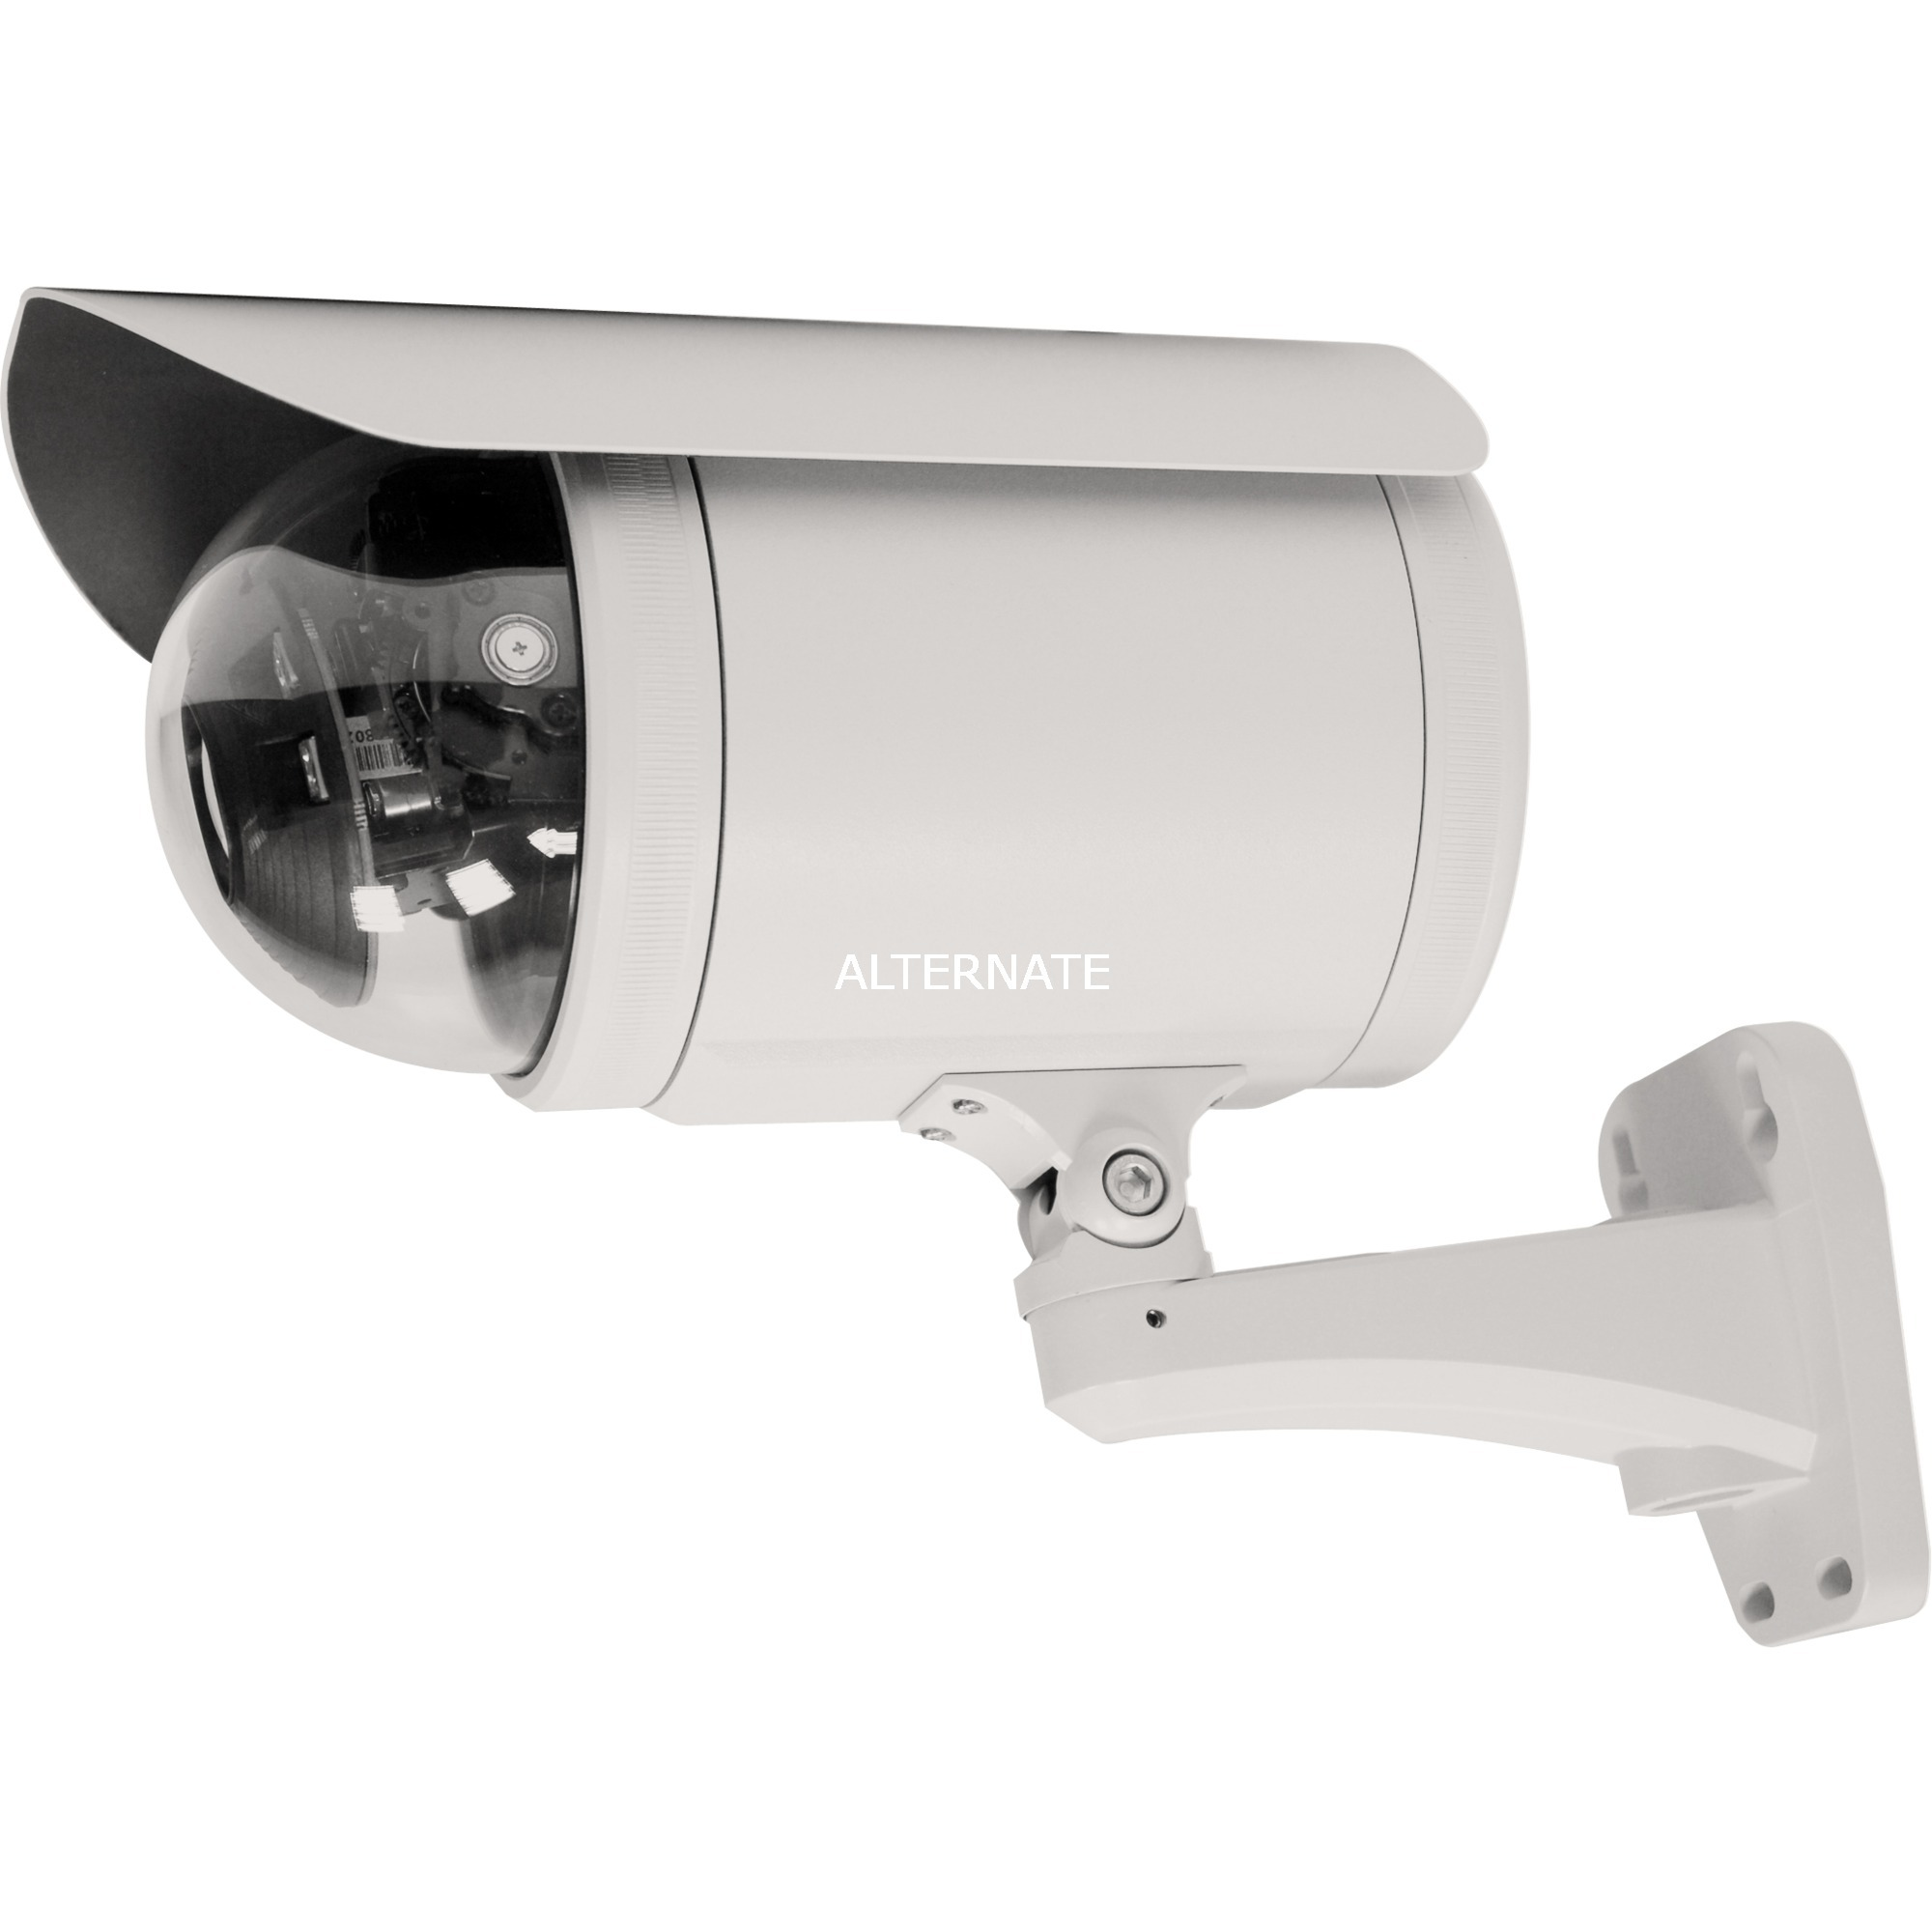 FCS-5044 Cámara de seguridad IP Interior y exterior Bala Blanco 1920 x 1080Pixeles cámara de vigilancia, Cámara de red